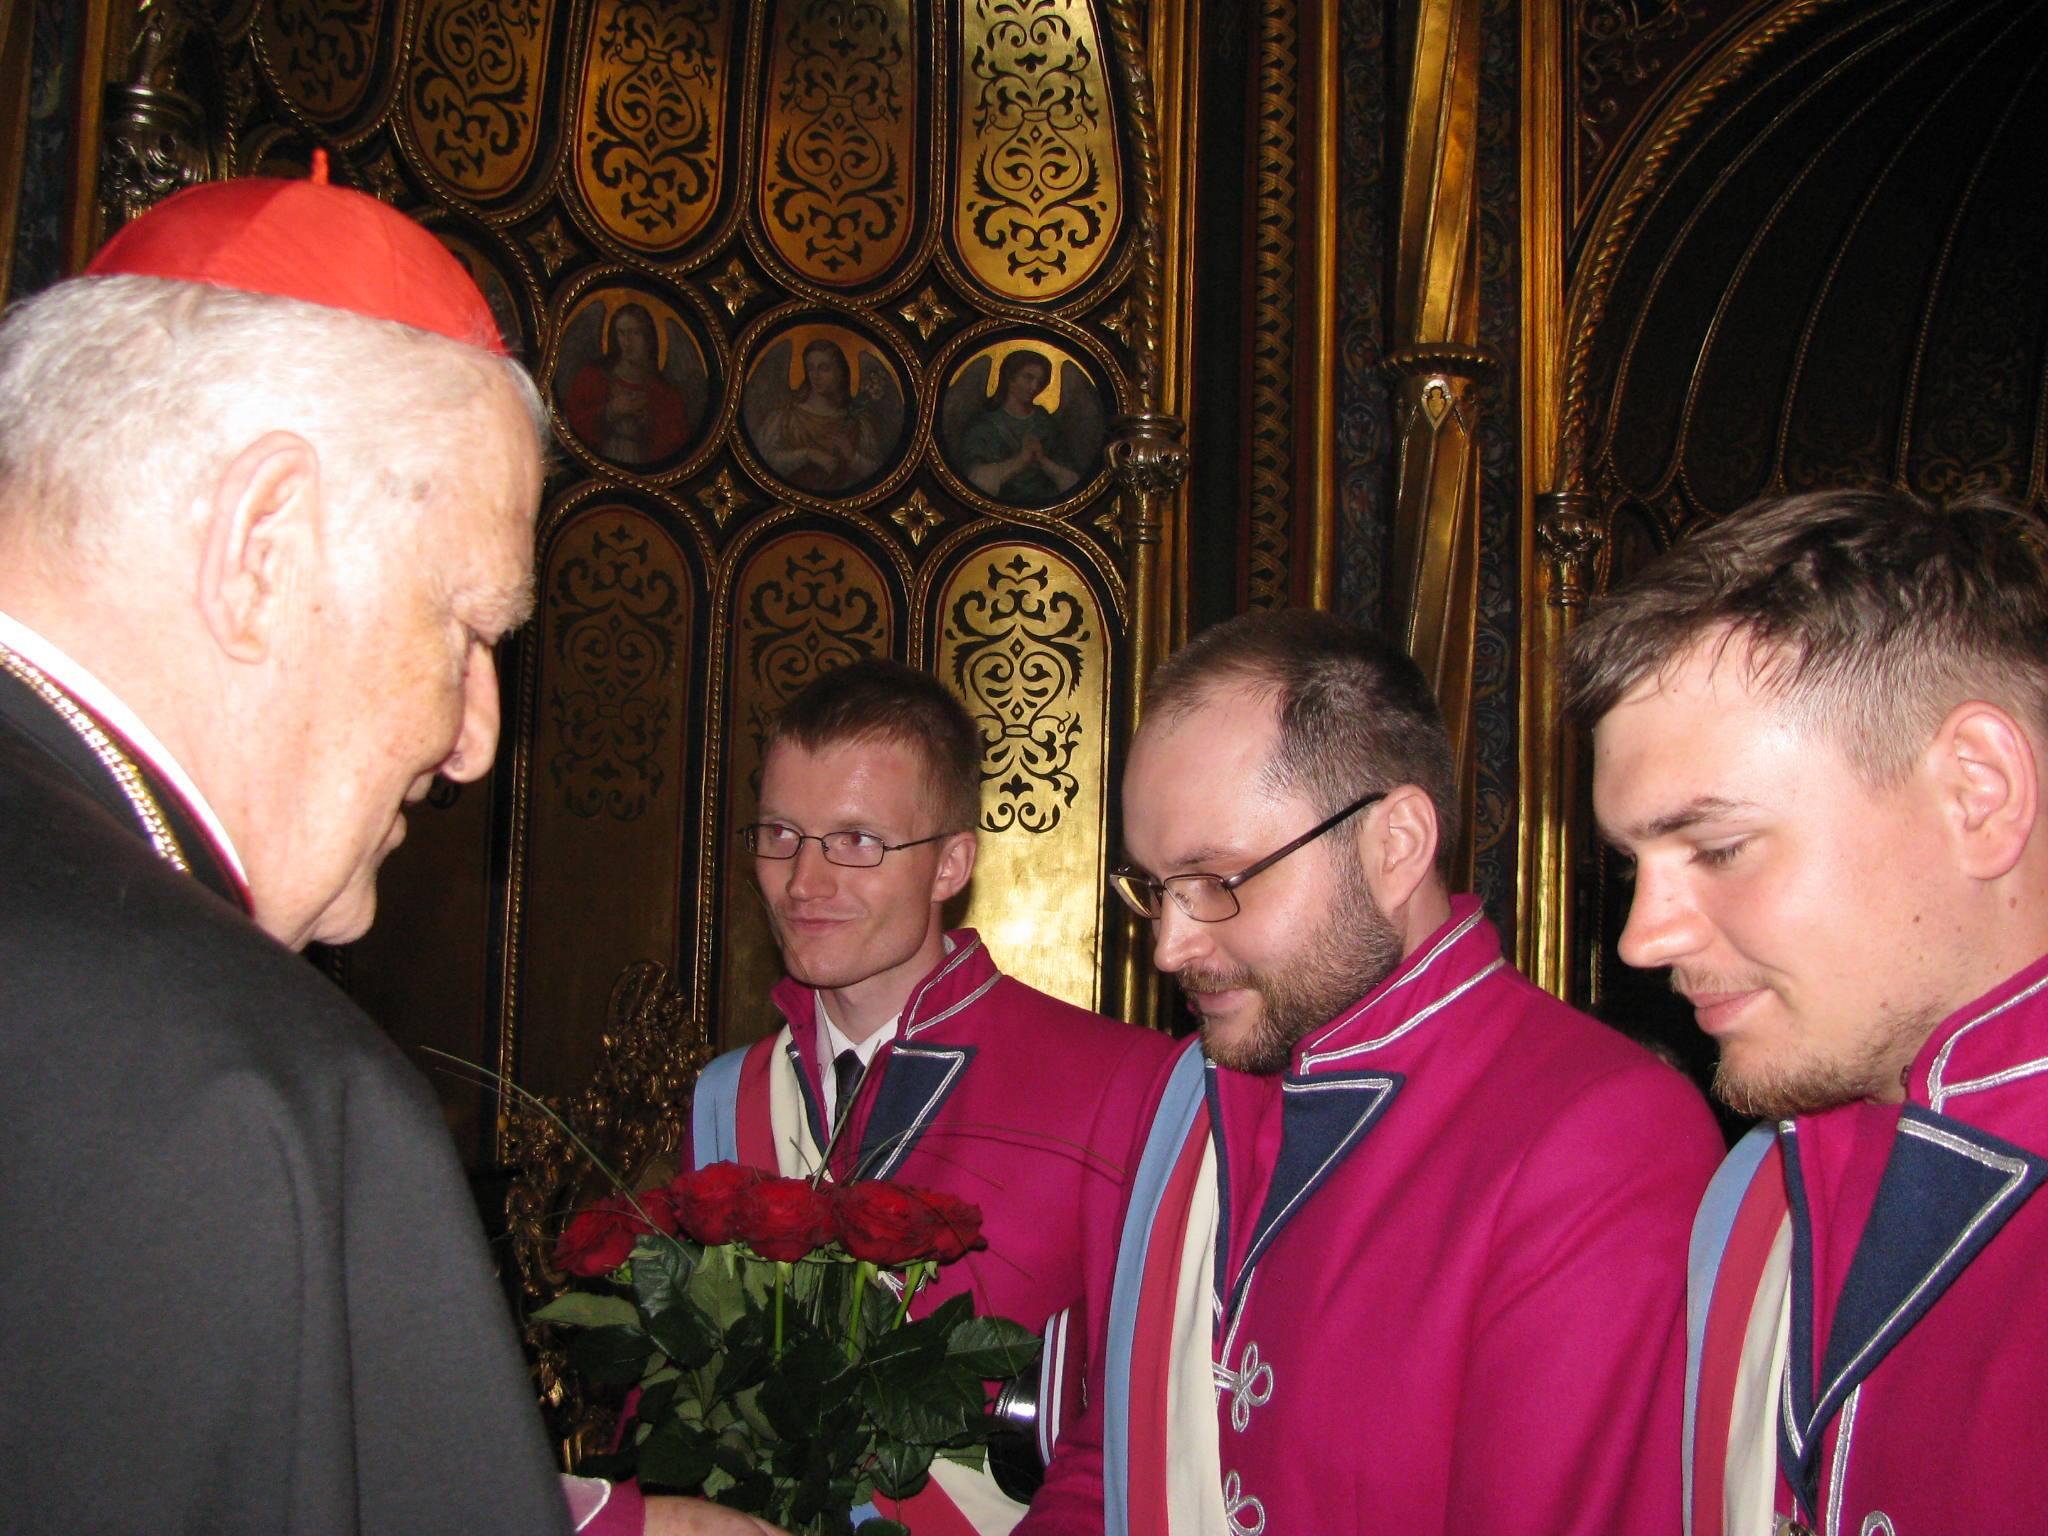 Msza z okazji Jubileuszu 50-lecia kapłaństwa kard. Zenona Grocholewskiego